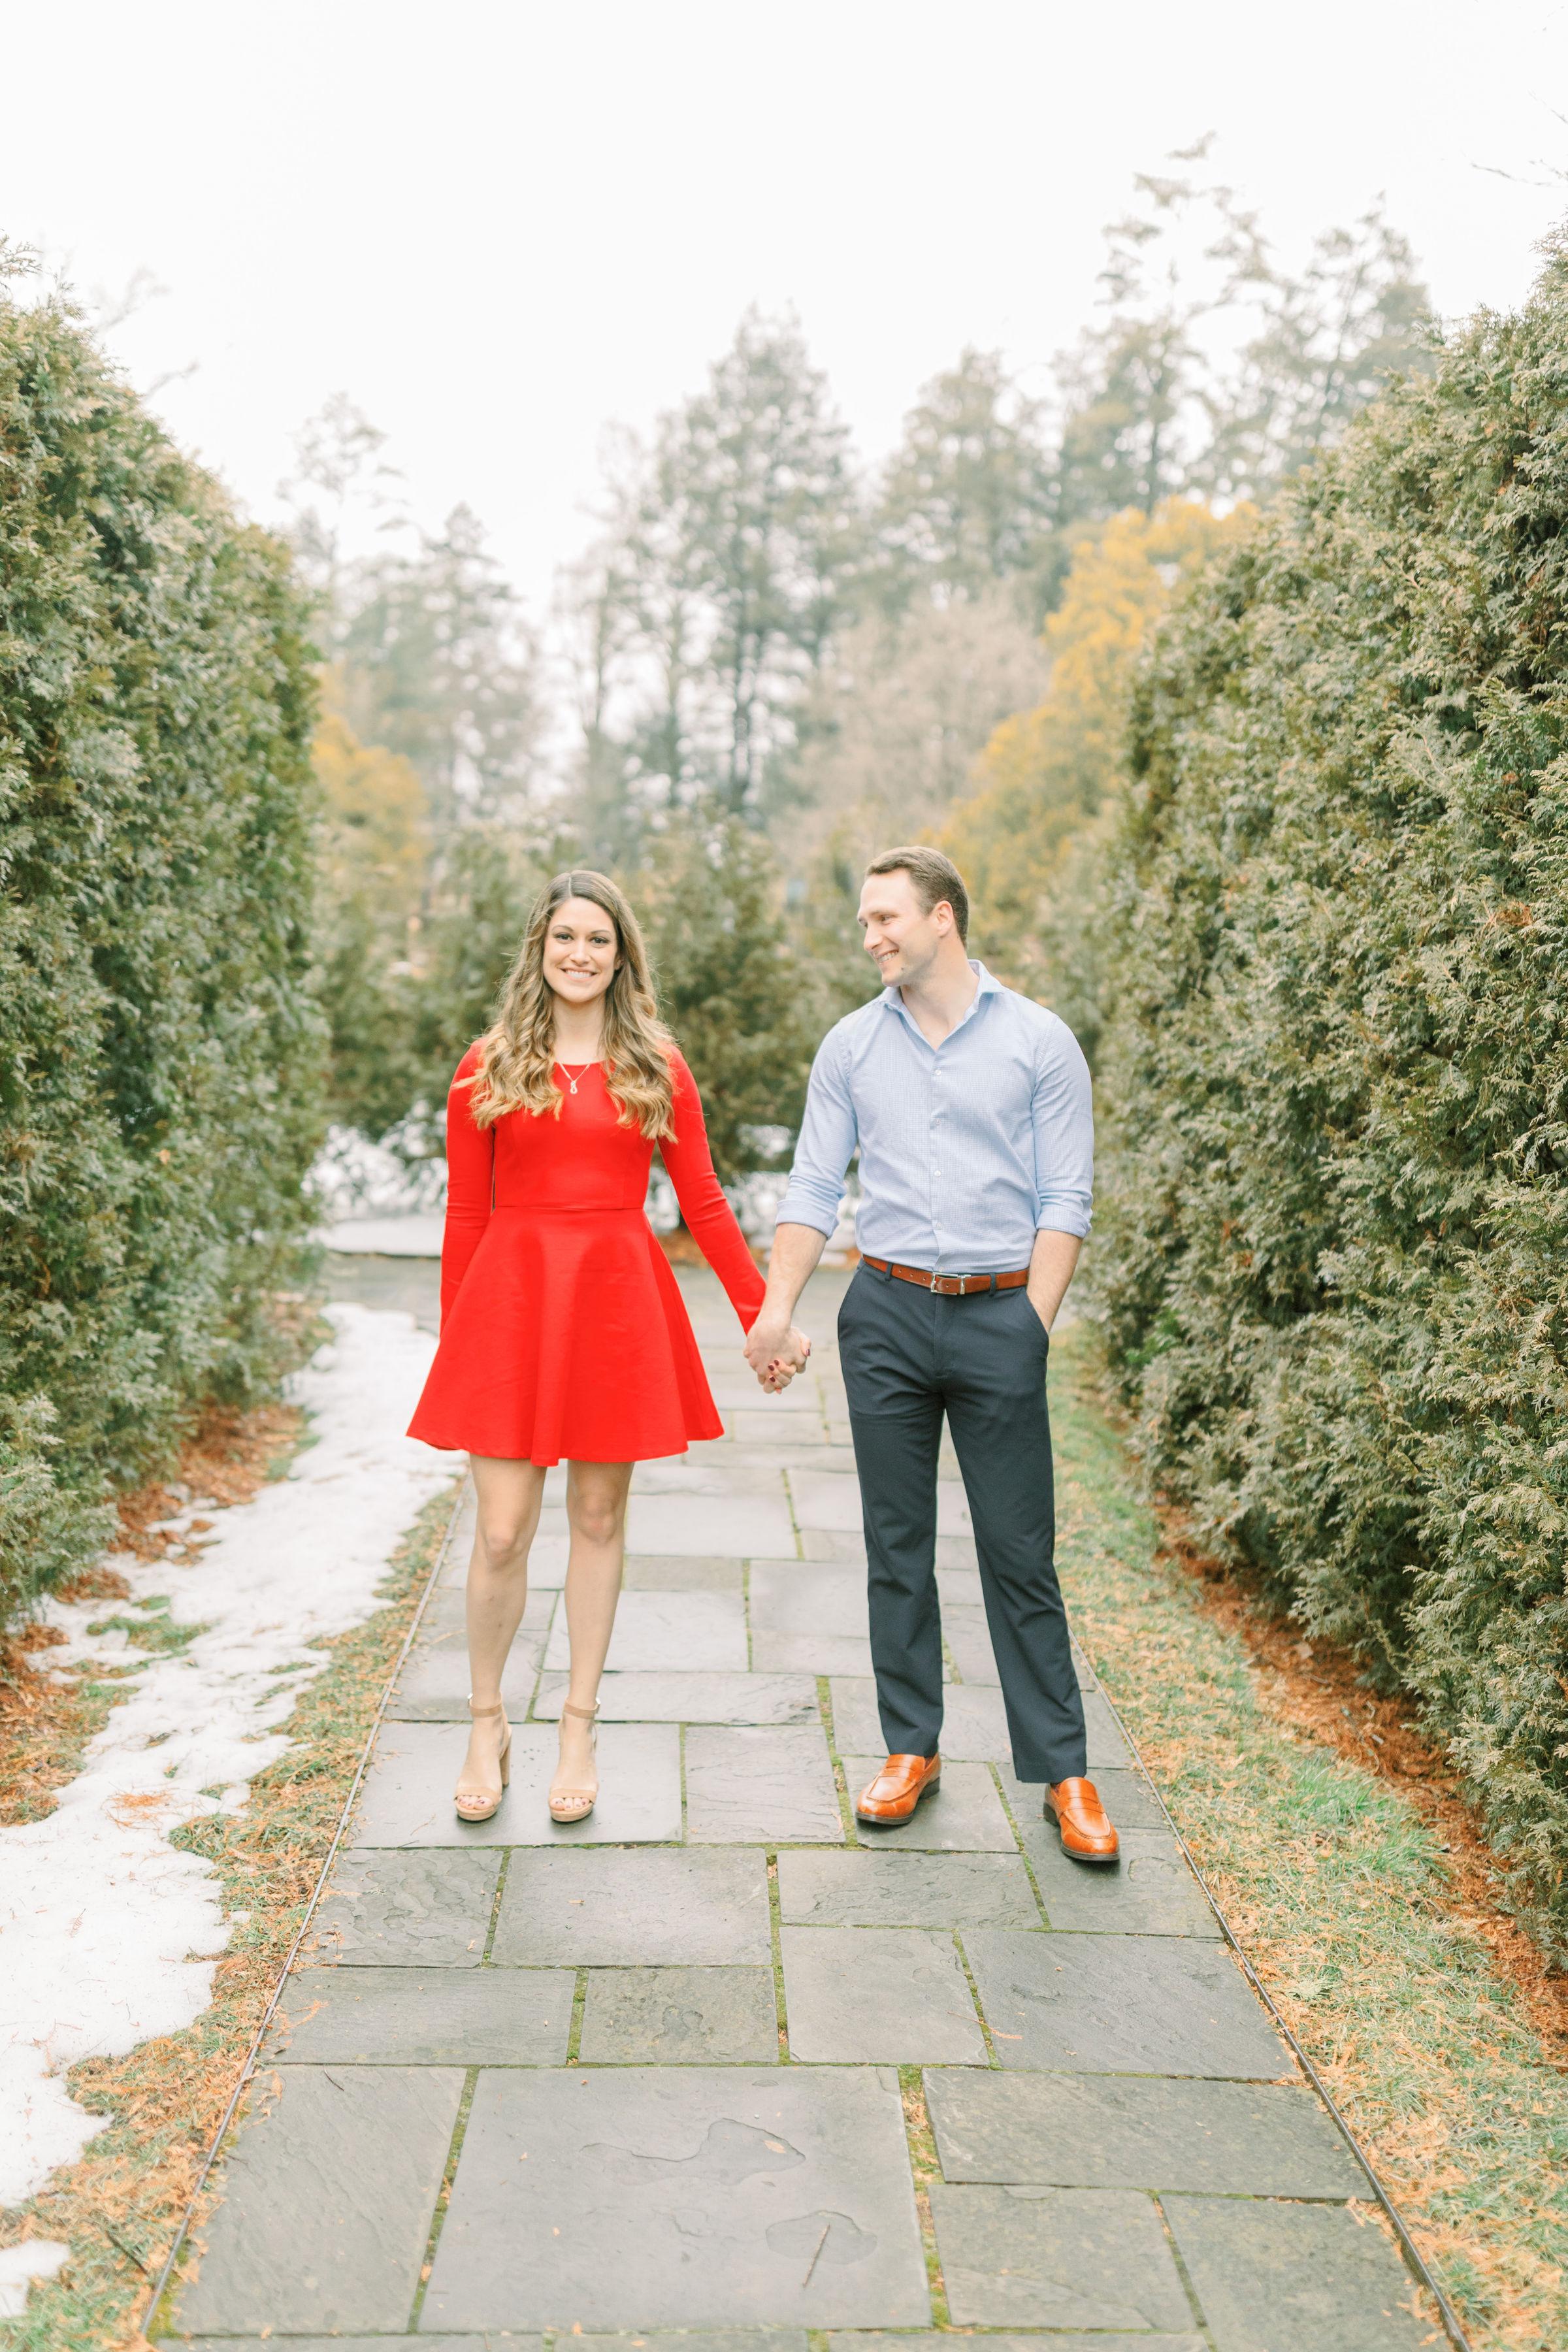 Erin+TylerEngagedSaltandCedarPhotography0006.jpg